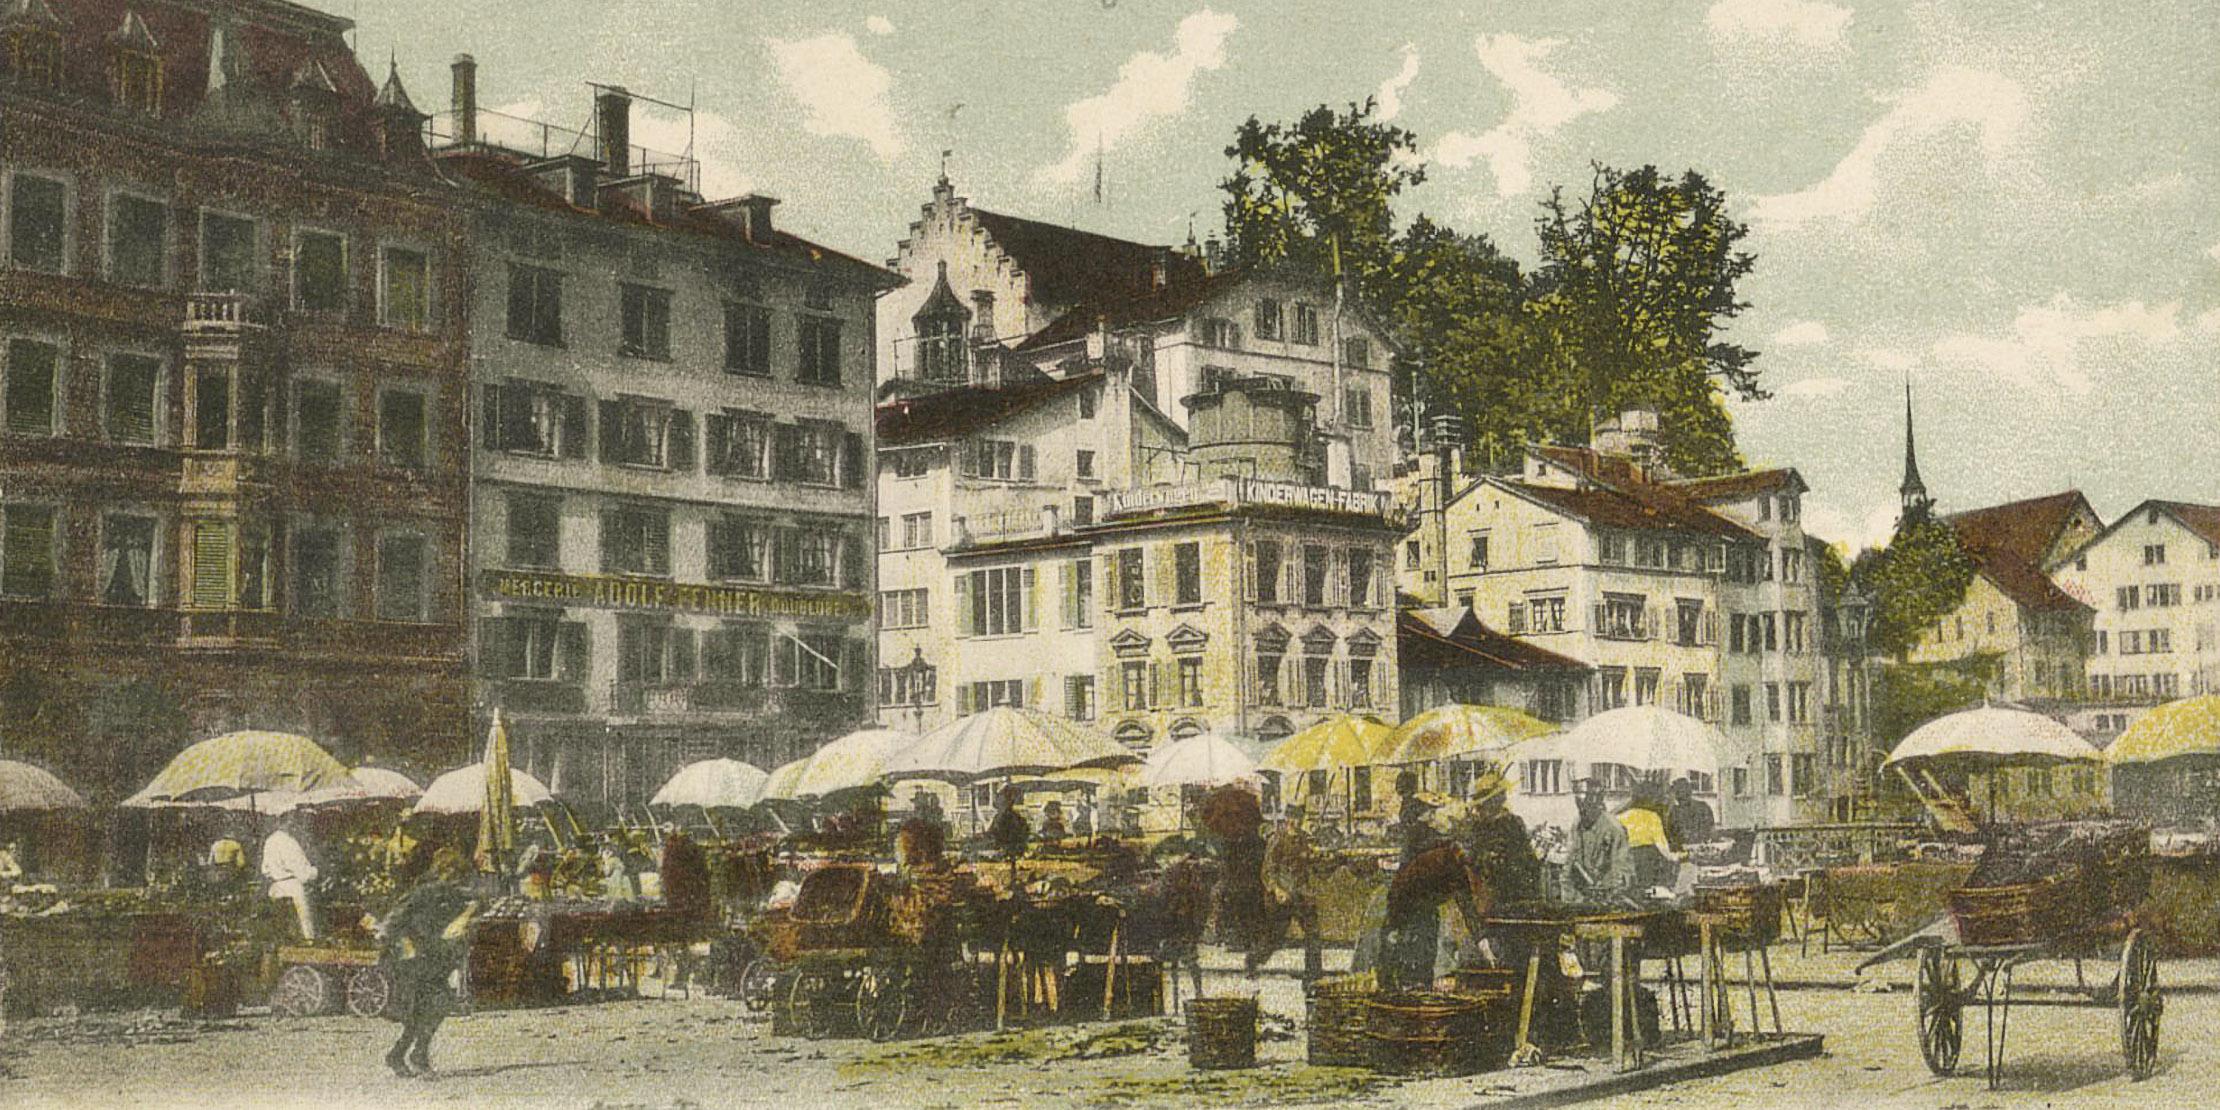 Kramladen, Kurzwaren und Kaffeehaus - Geschäftstreiben im Zürich des 19. und frühen 20. Jh.